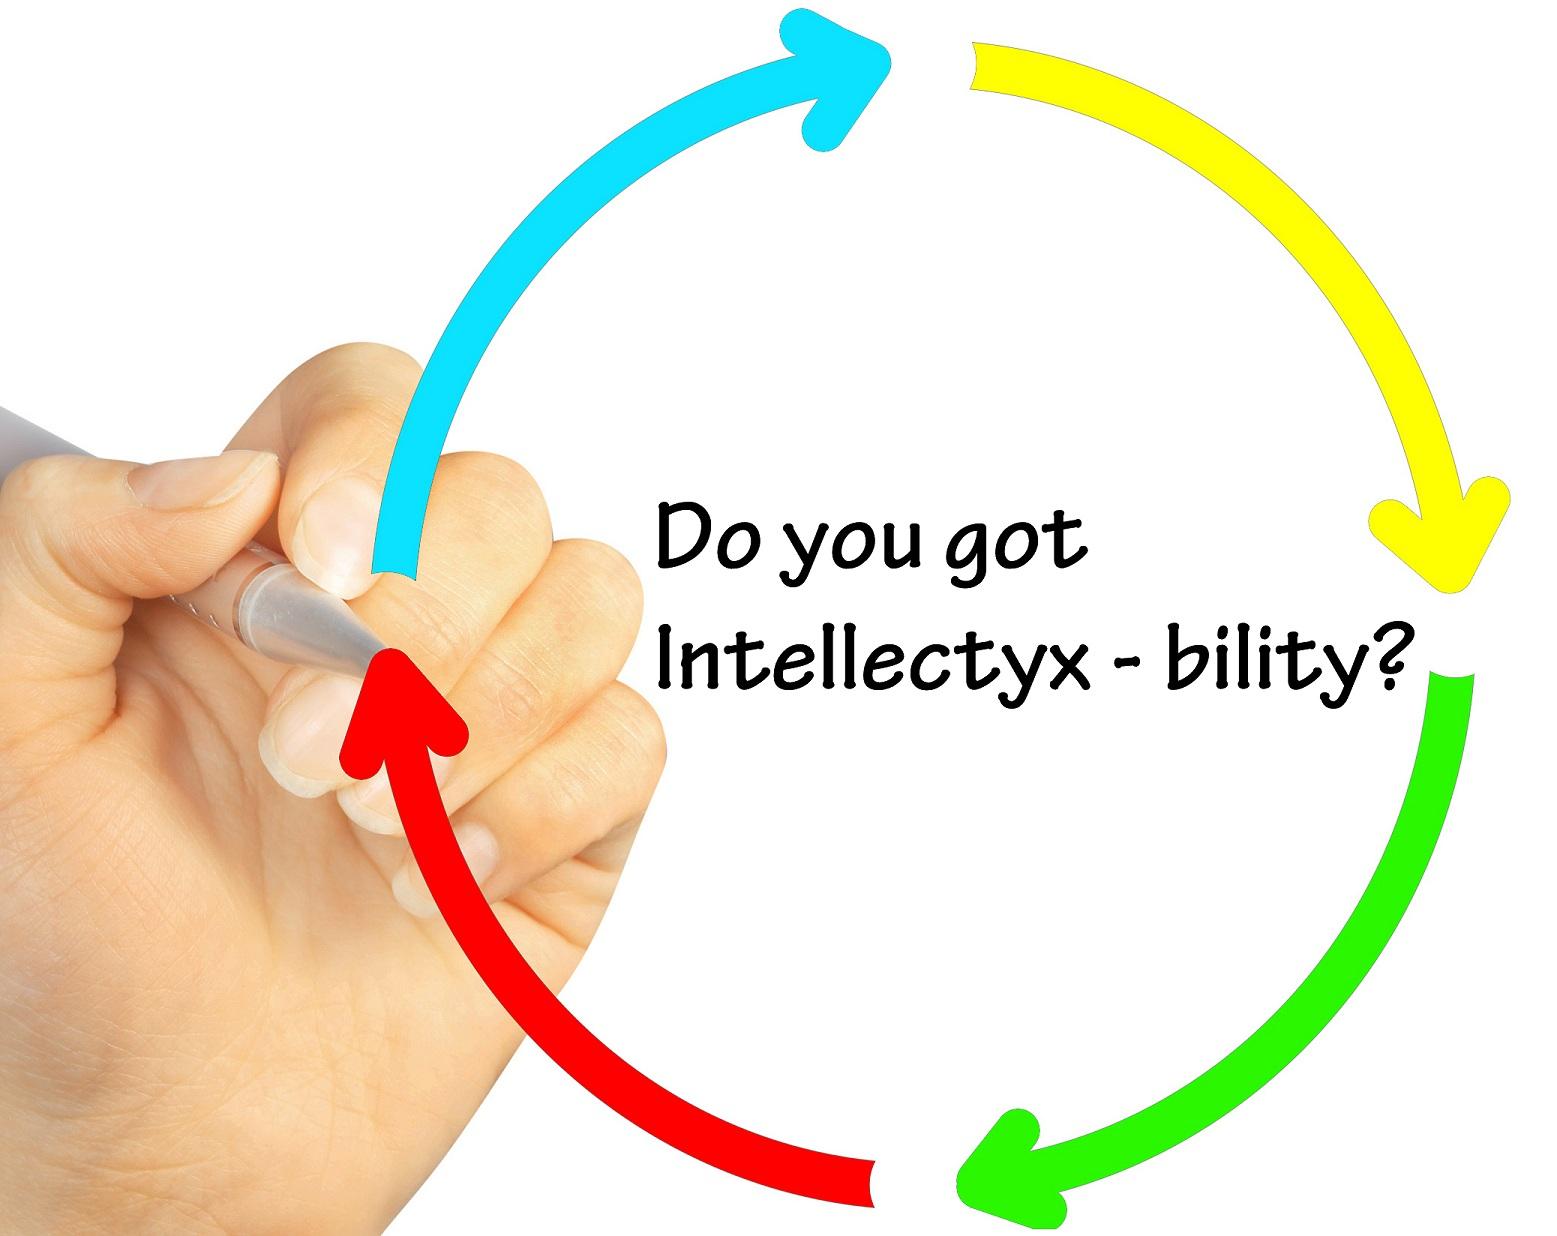 intellectyxbility